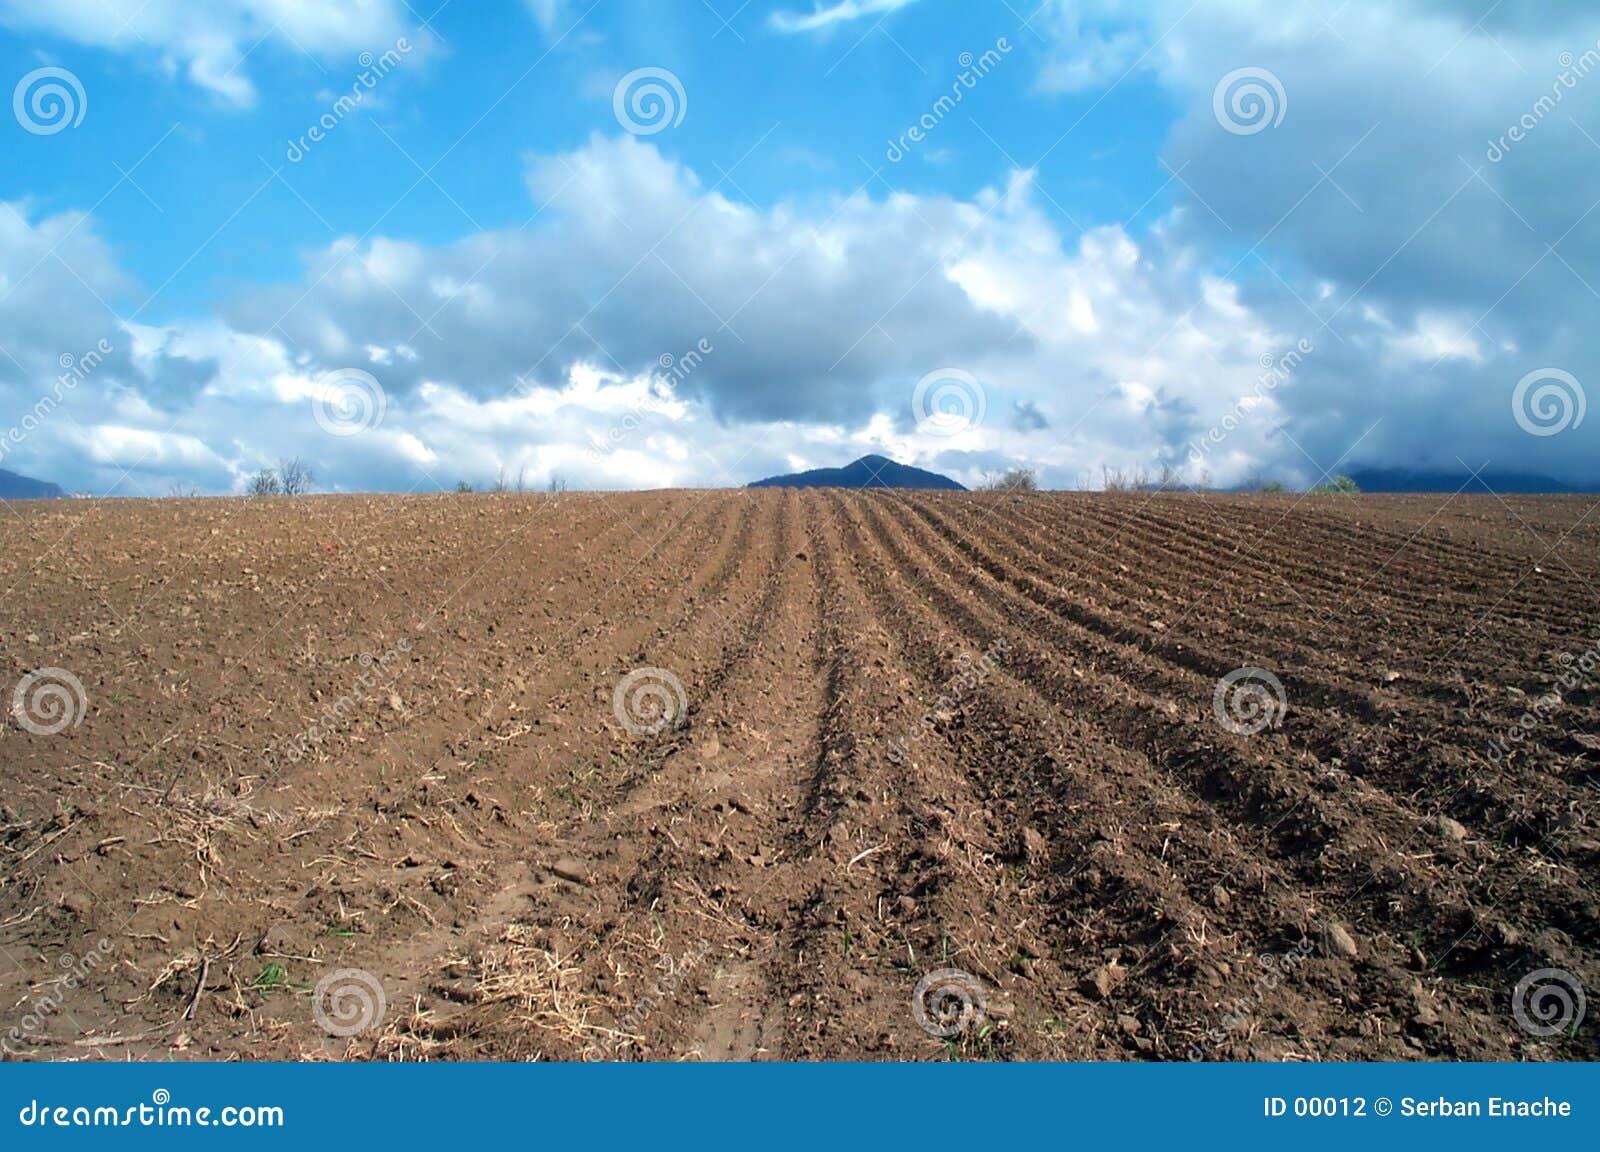 έδαφος που οργώνεται